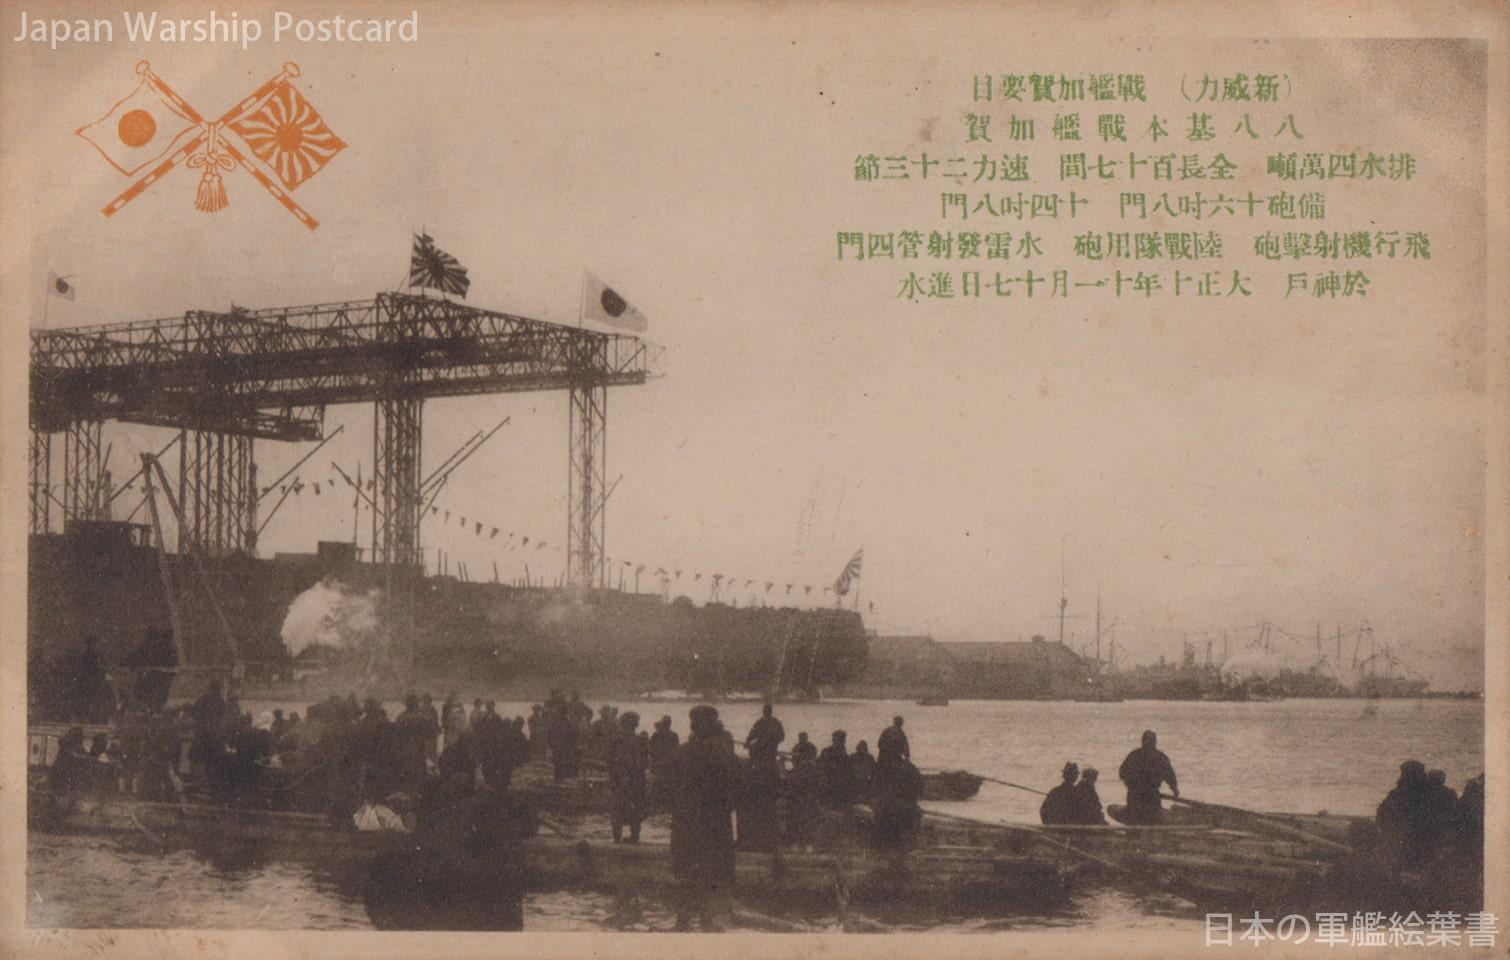 (新威力)戦艦加賀要目 八八基本戦艦加賀